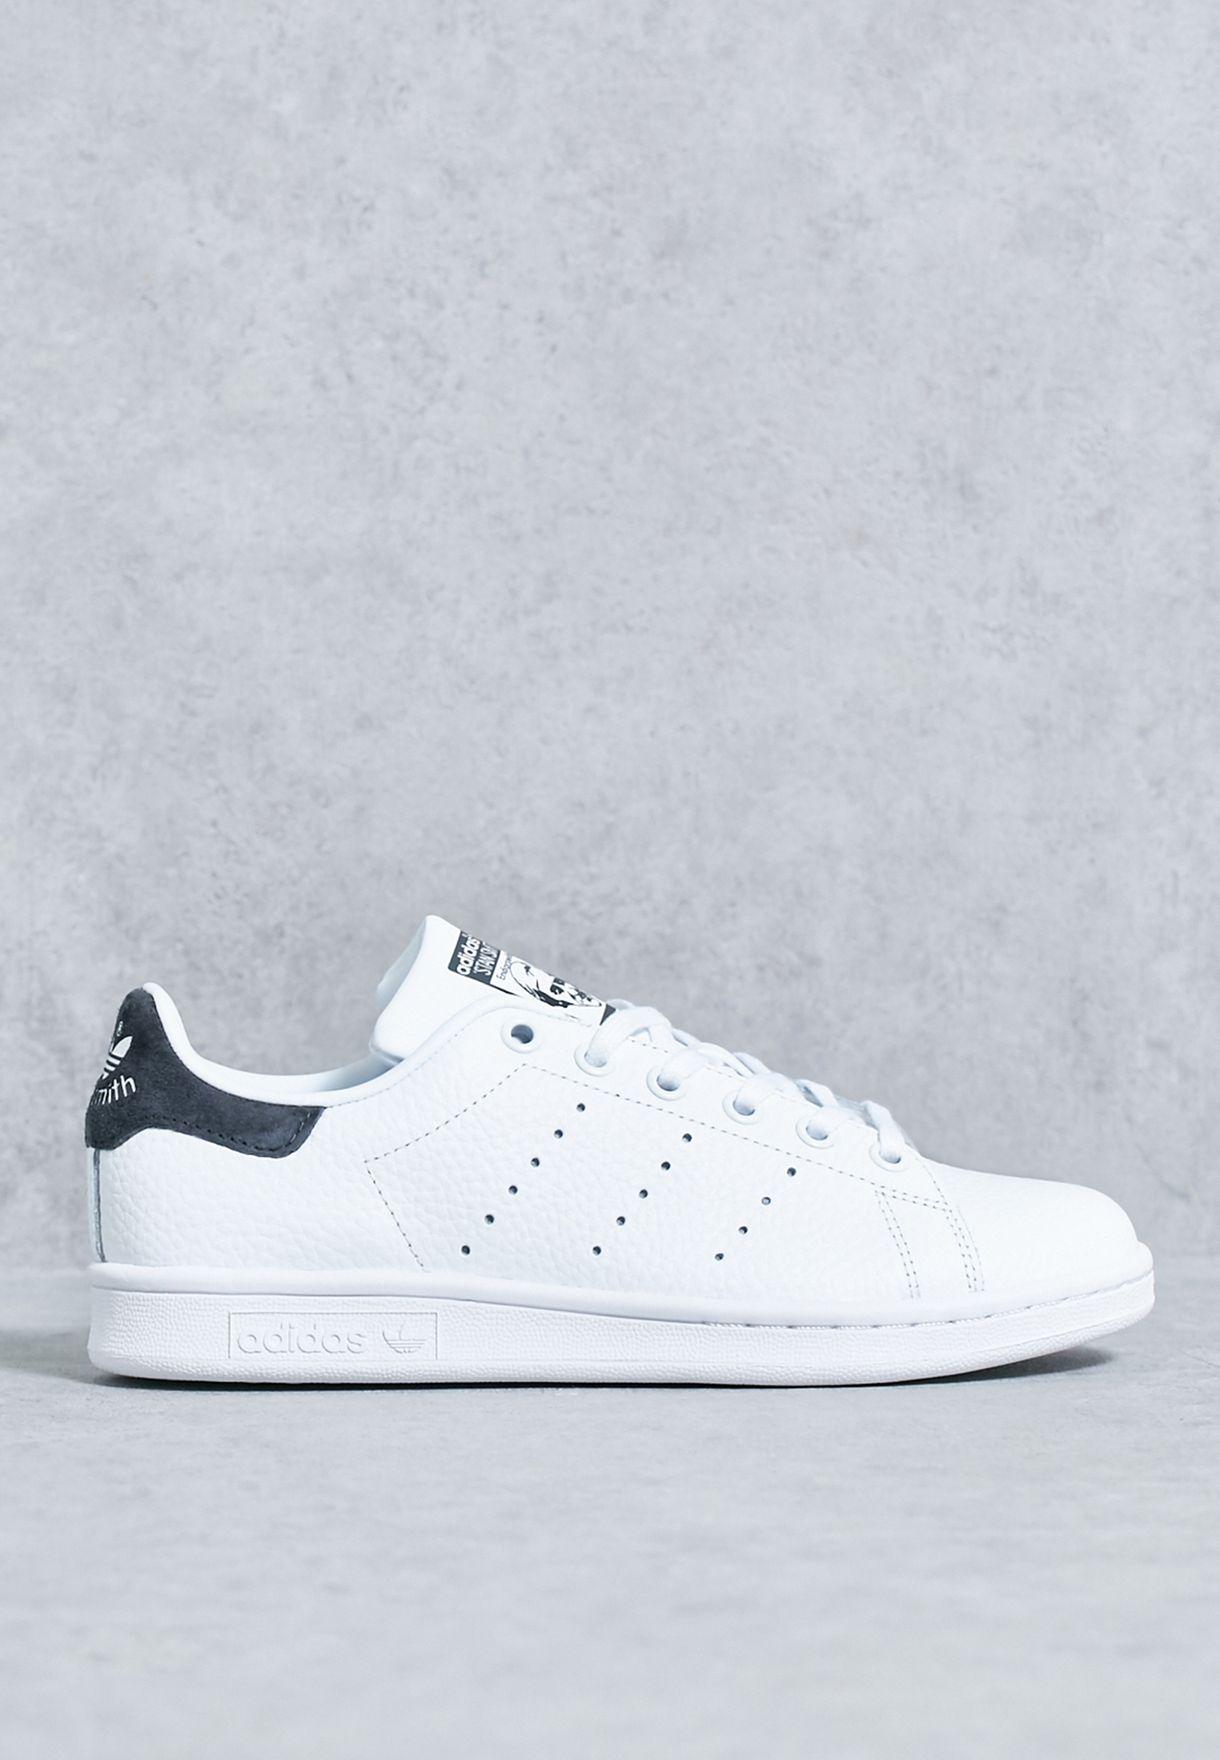 shop adidas originals weiße stan smith jugend s77179 für kinder